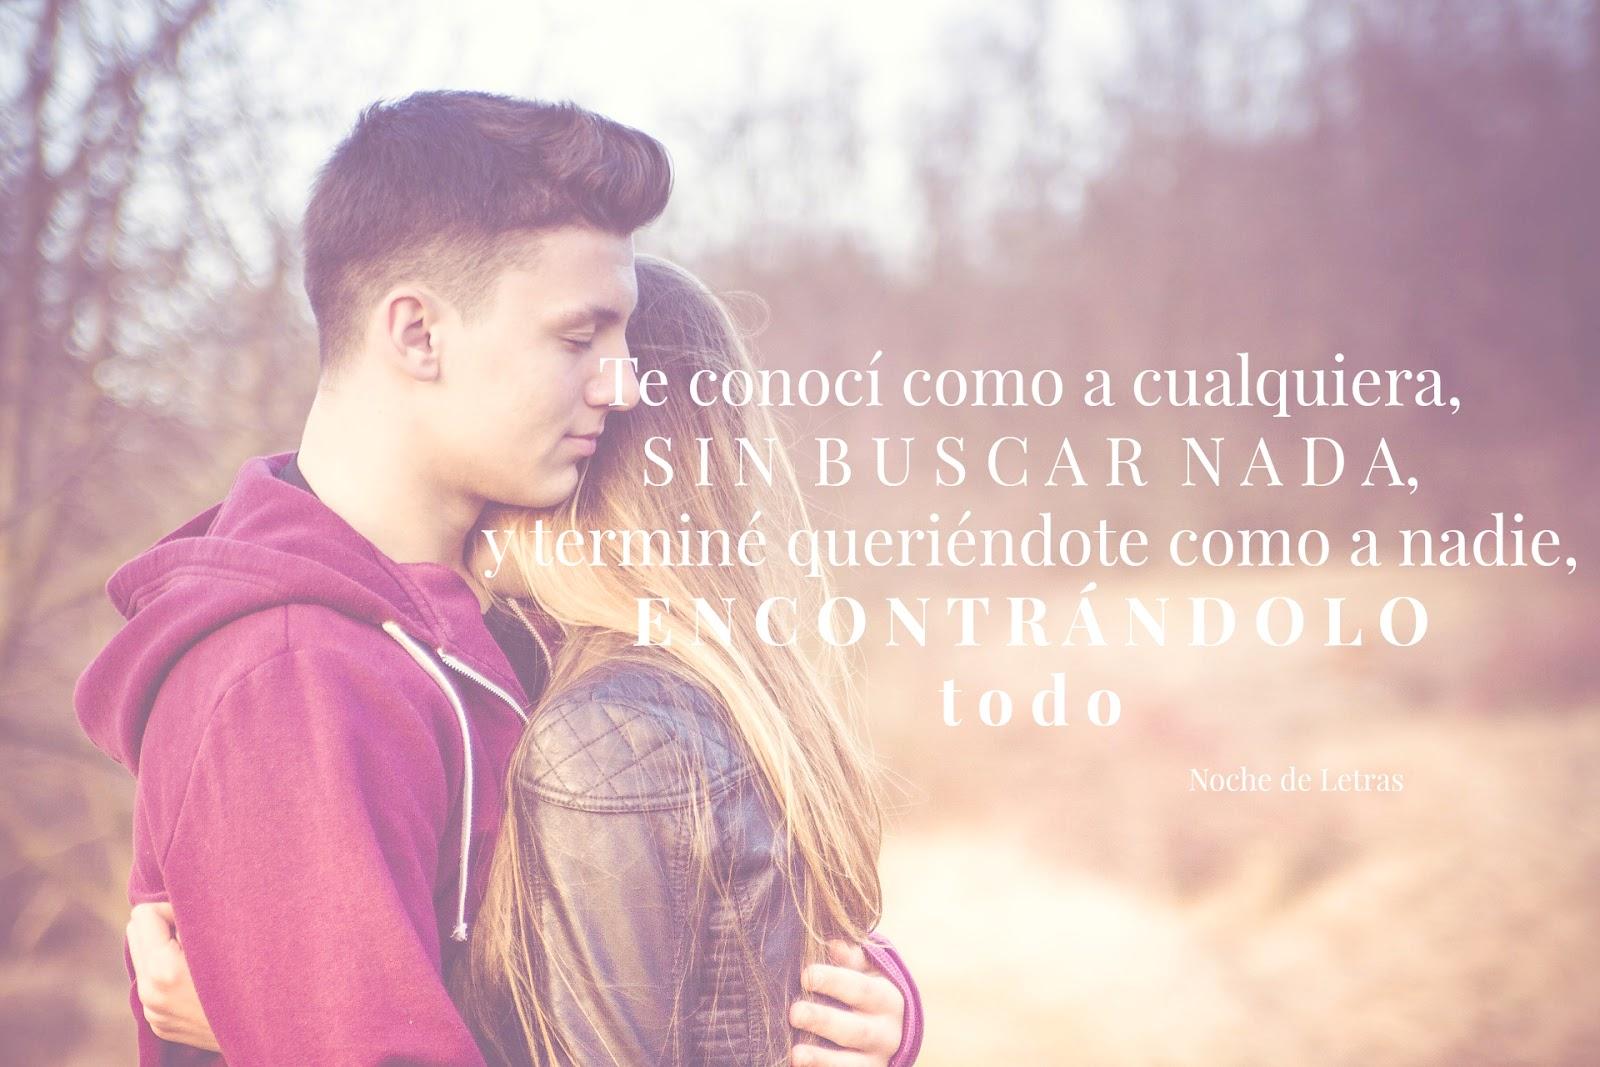 como describir un beso, como describir un beso en una novela, como describir un beso romantico, como describir un beso de amor, como describir un beso apasionado, describir besos, describir besos apasionados, describir el beso perfecto, palabras para describir besos, frases para describir besos, adjetivos para describir besos, describir un beso con lengua, describir tus besos